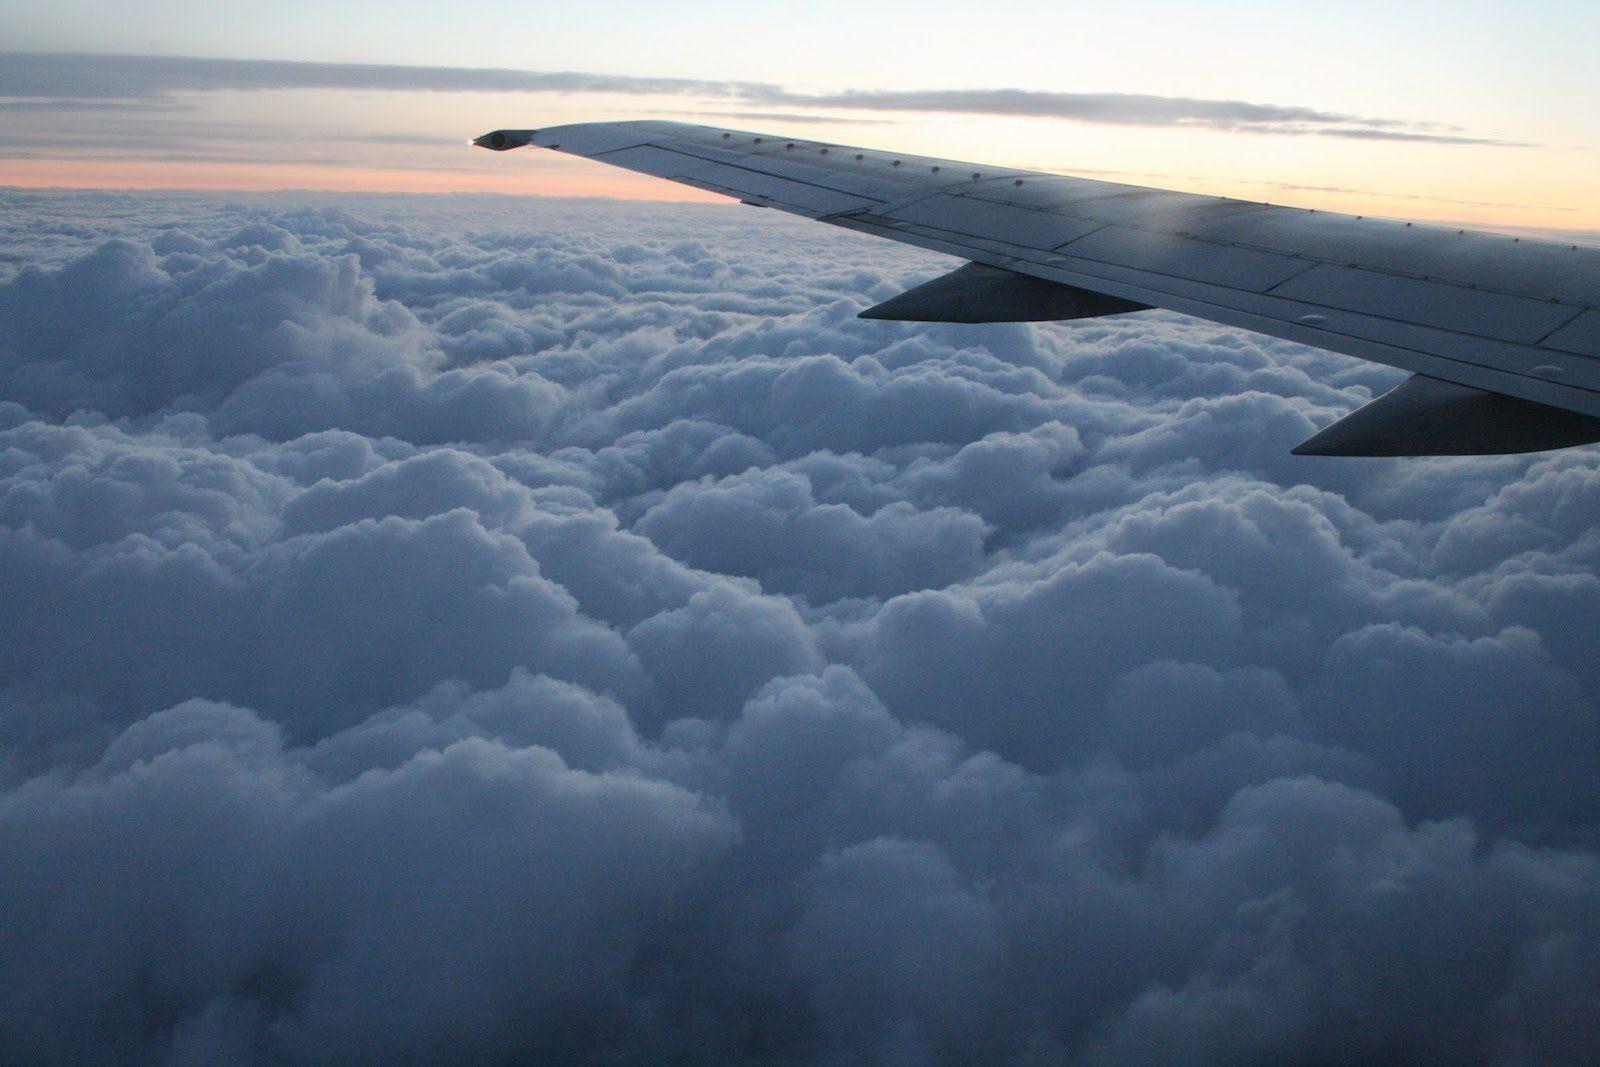 уже картинки самолет в небе зимой здоровья